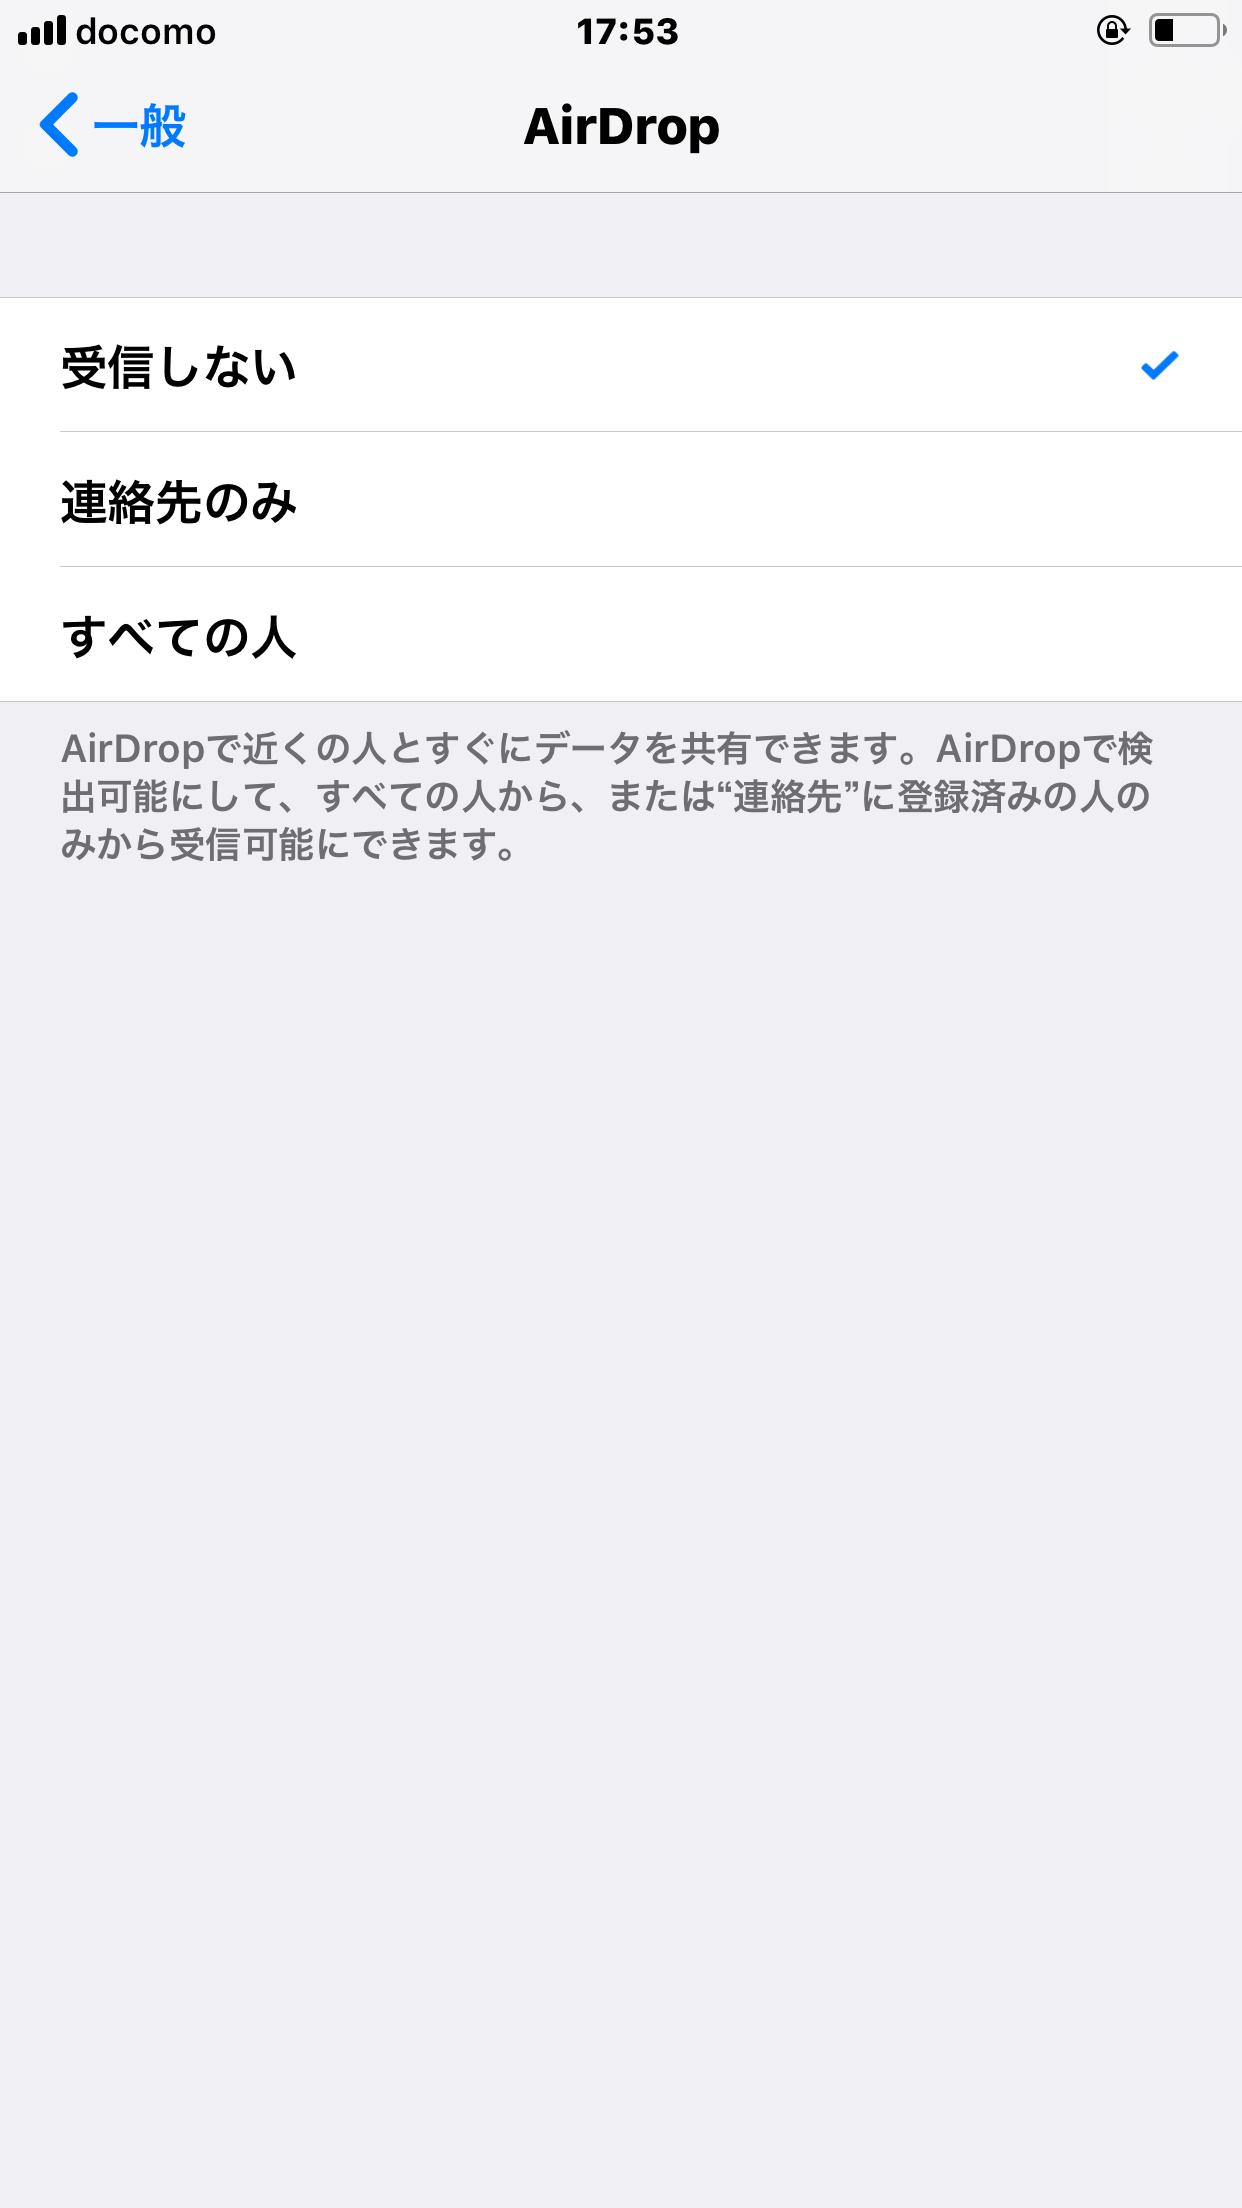 AirDropの設定画面が表示されますので、3つの項目の中から「受信しない」をタップする